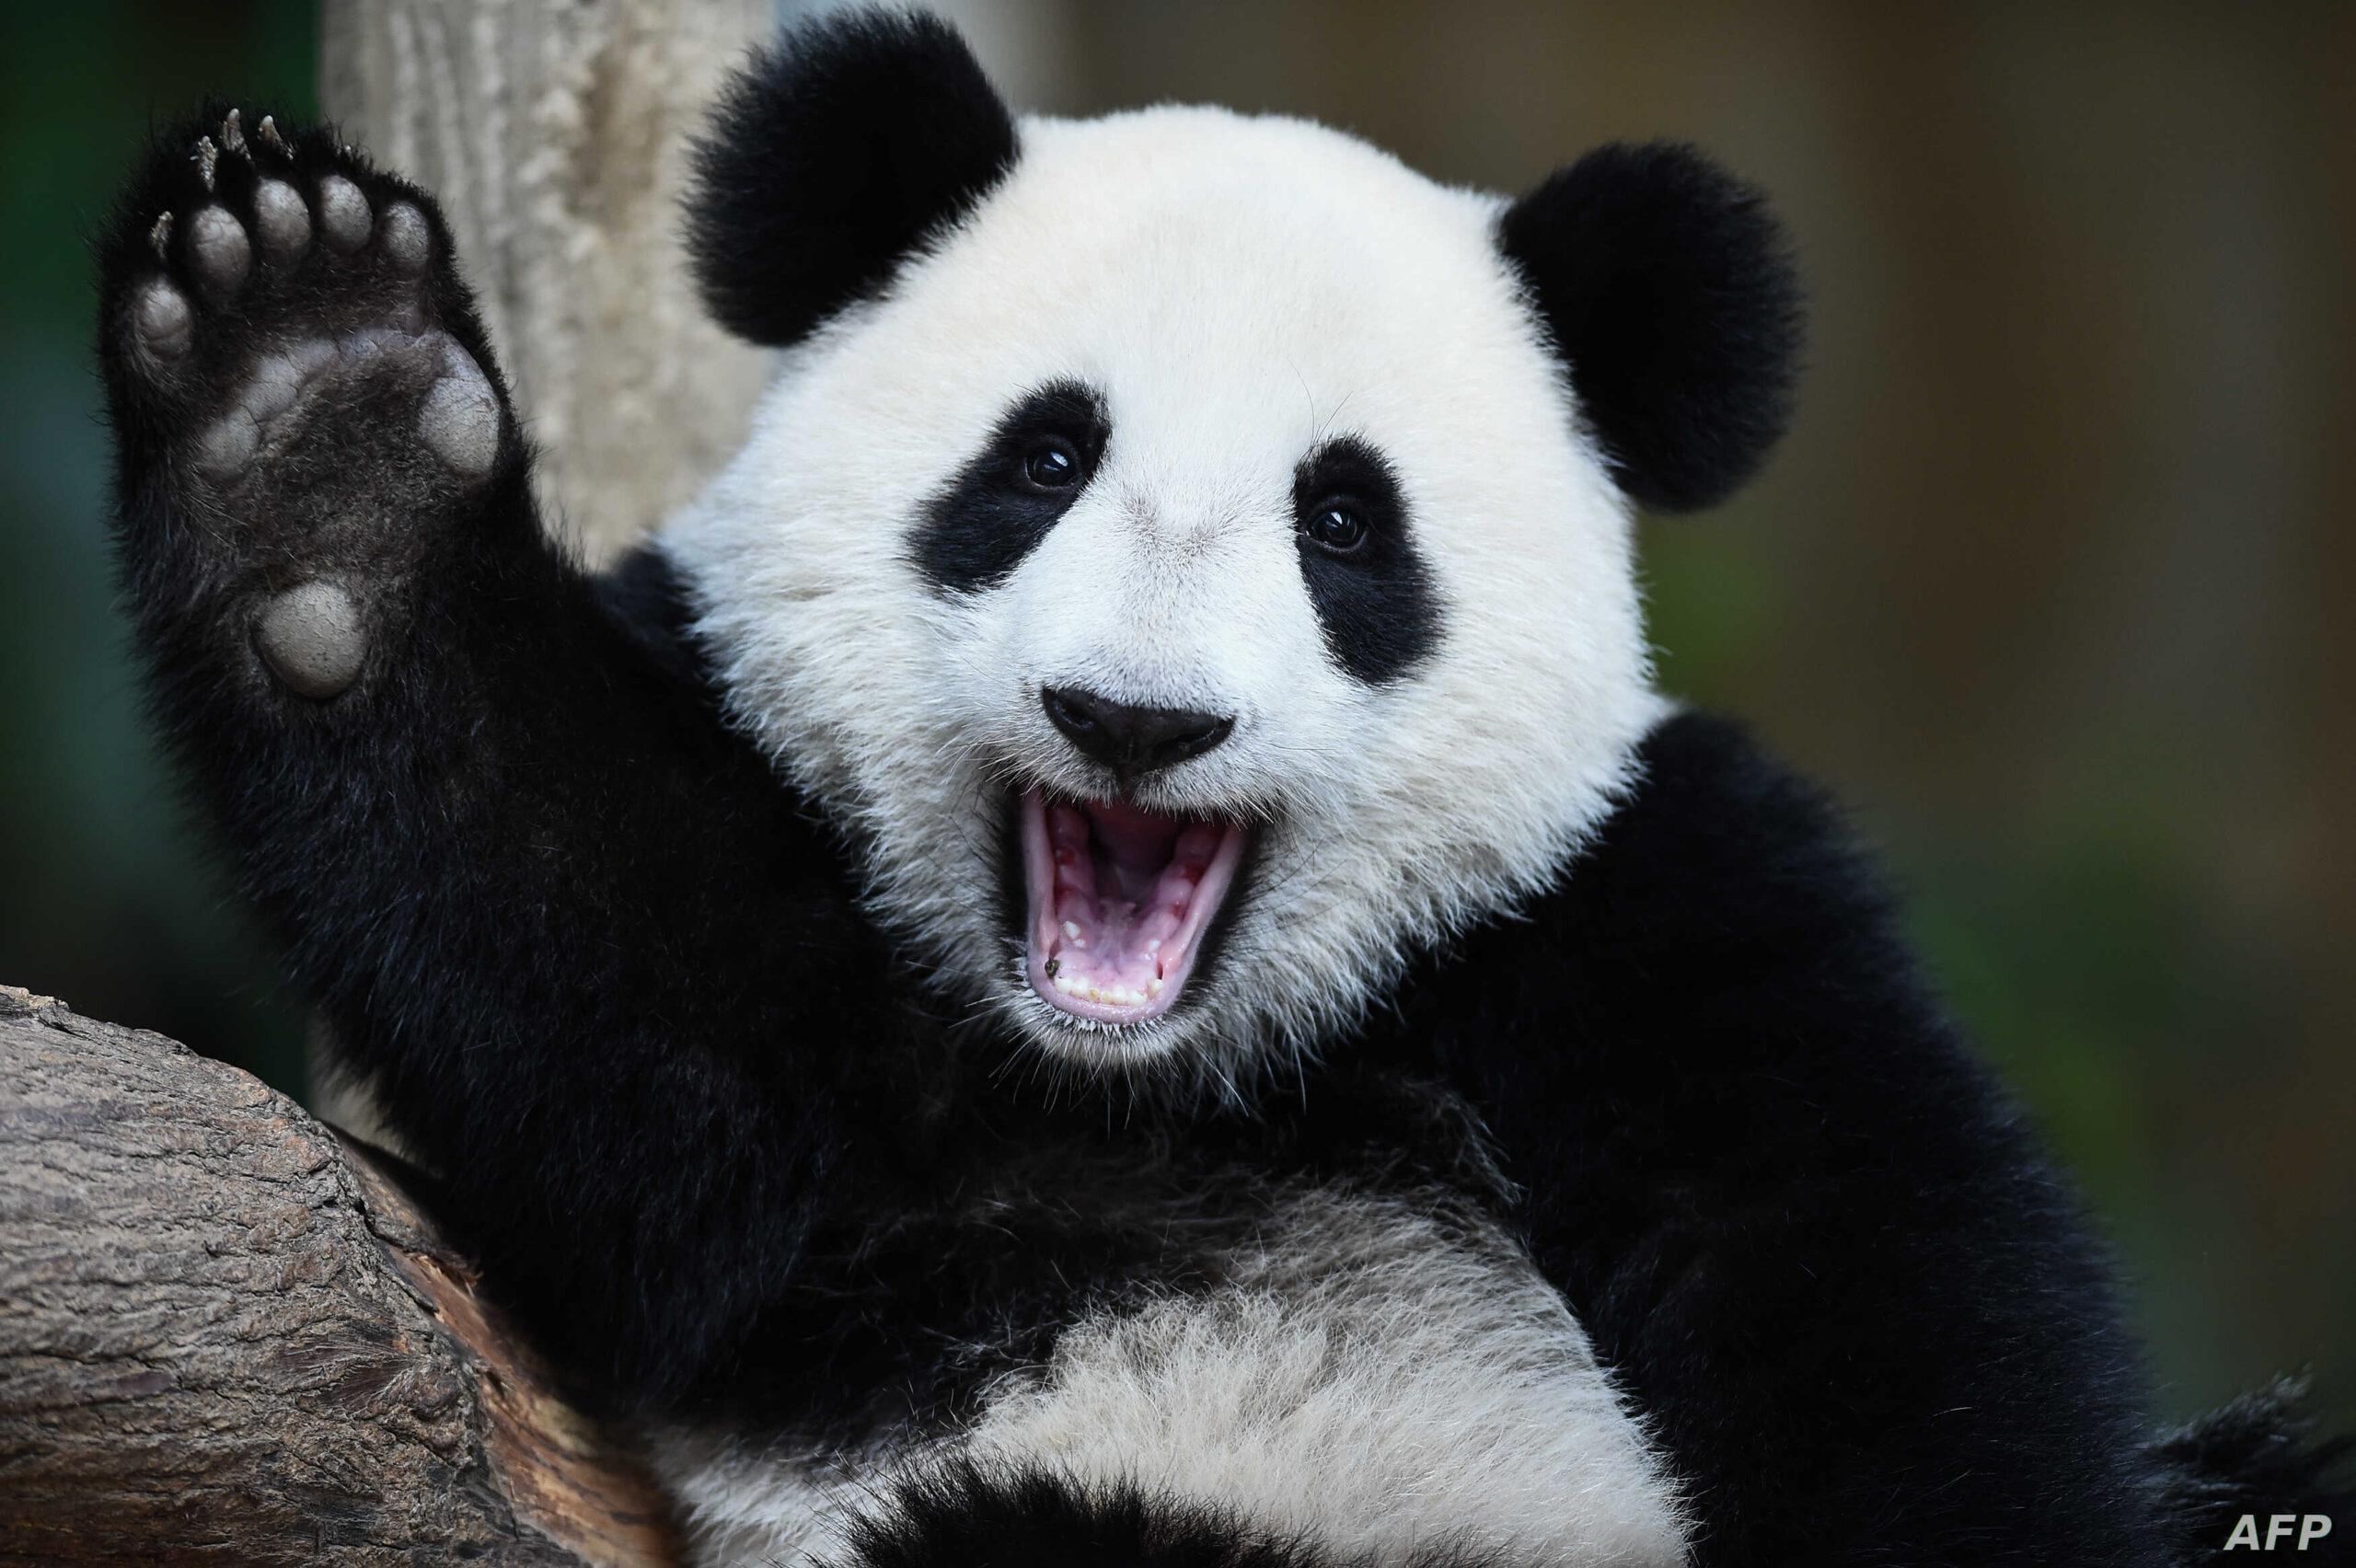 24 πράγματα που δεν γνωρίζατε για τα γιγαντιαία panda